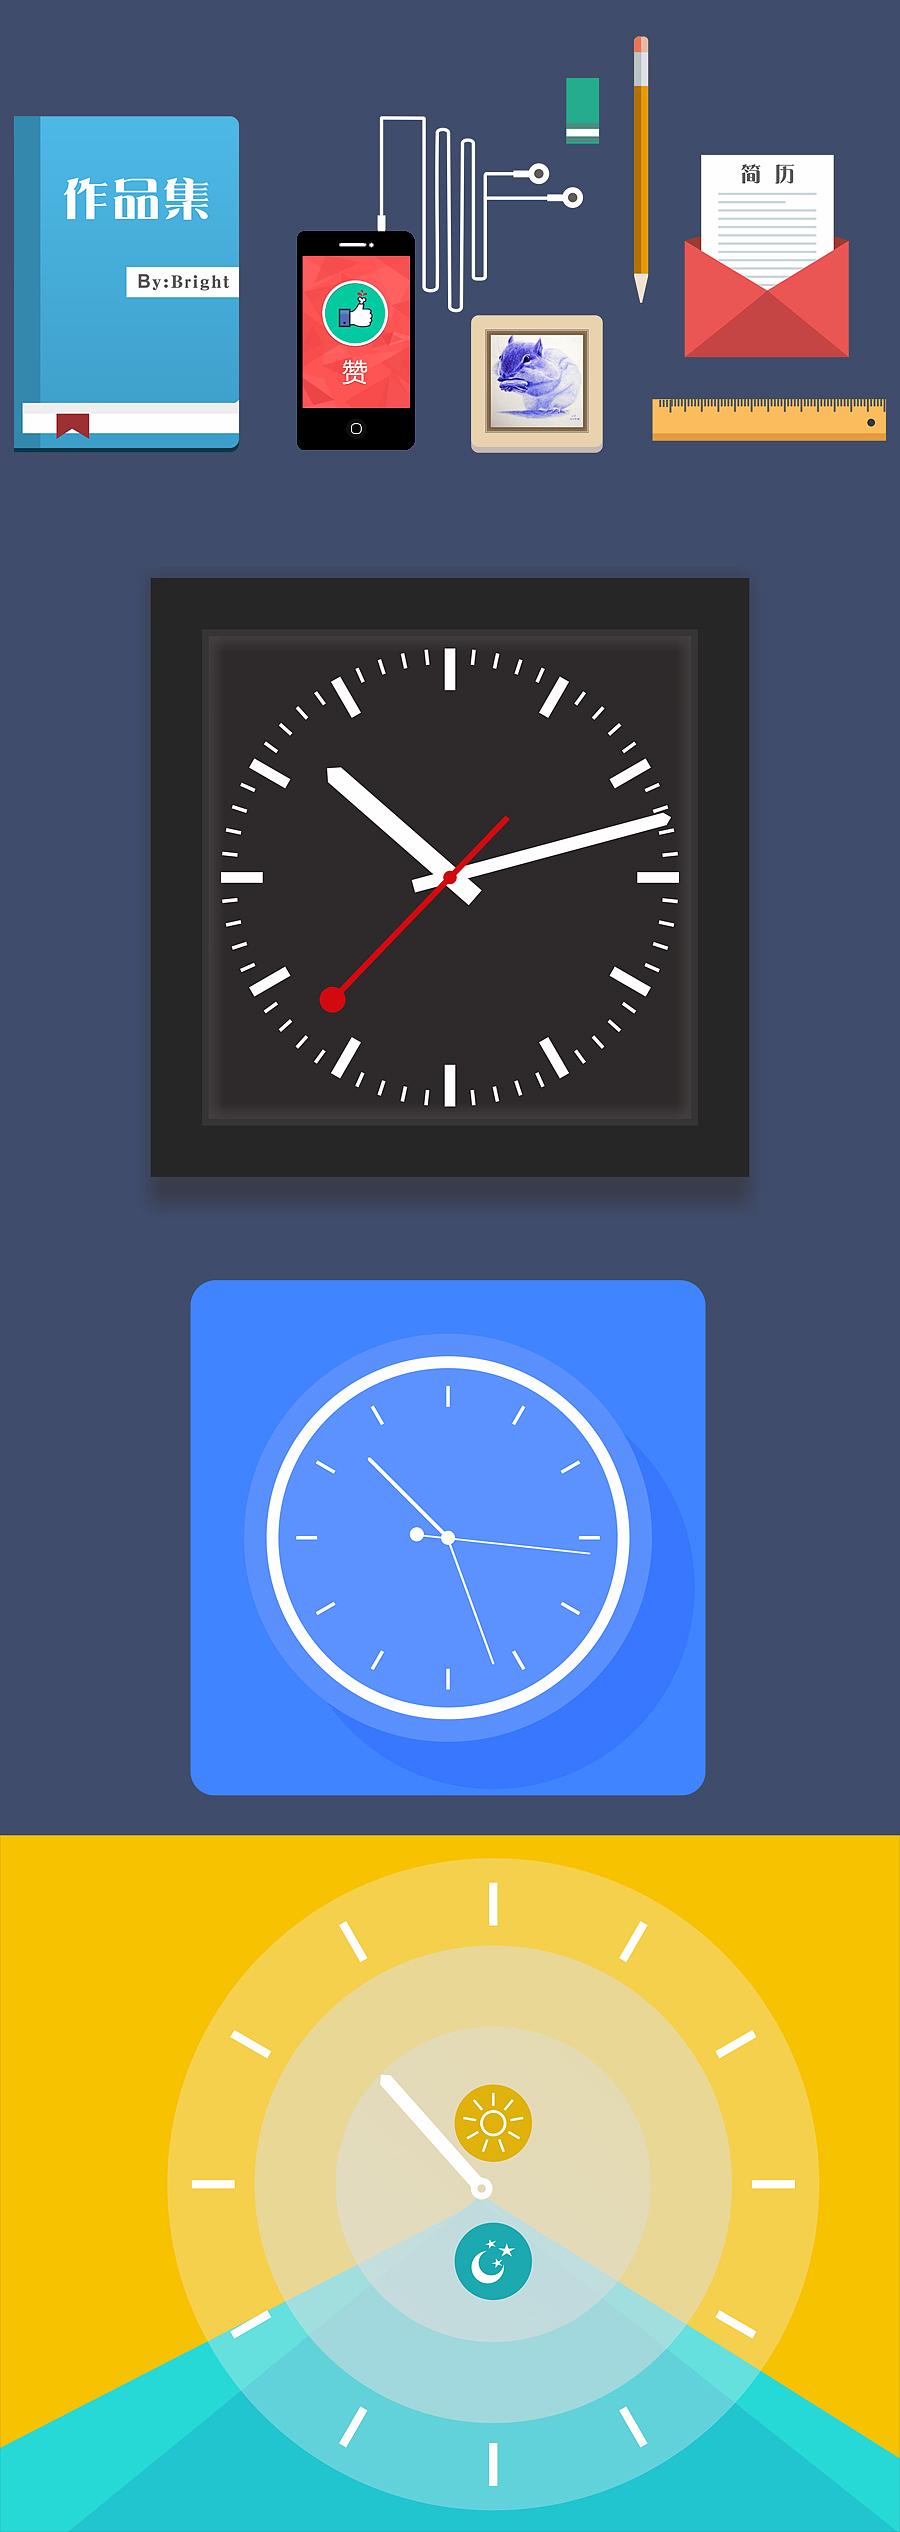 人简历 去年用CorelDRAW 绘制的矢量图标作品-个人简历 时钟 矢量图片